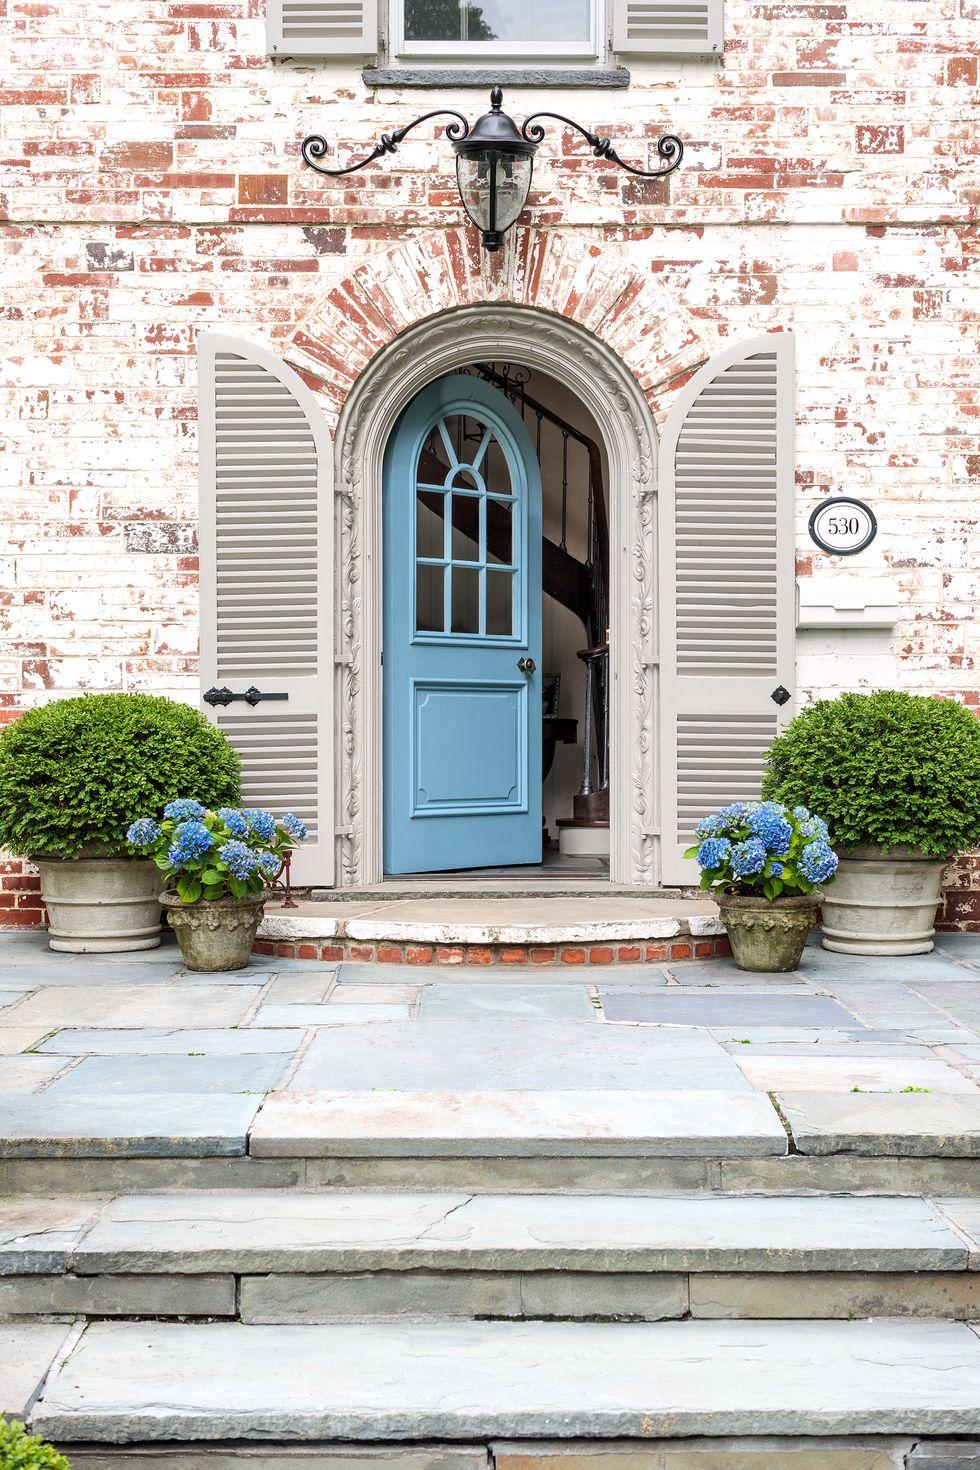 7-Inspirasi-Warna-Cat-Pintu-Rumah-Tercantik-yang-Bisa-Ditiru-biru